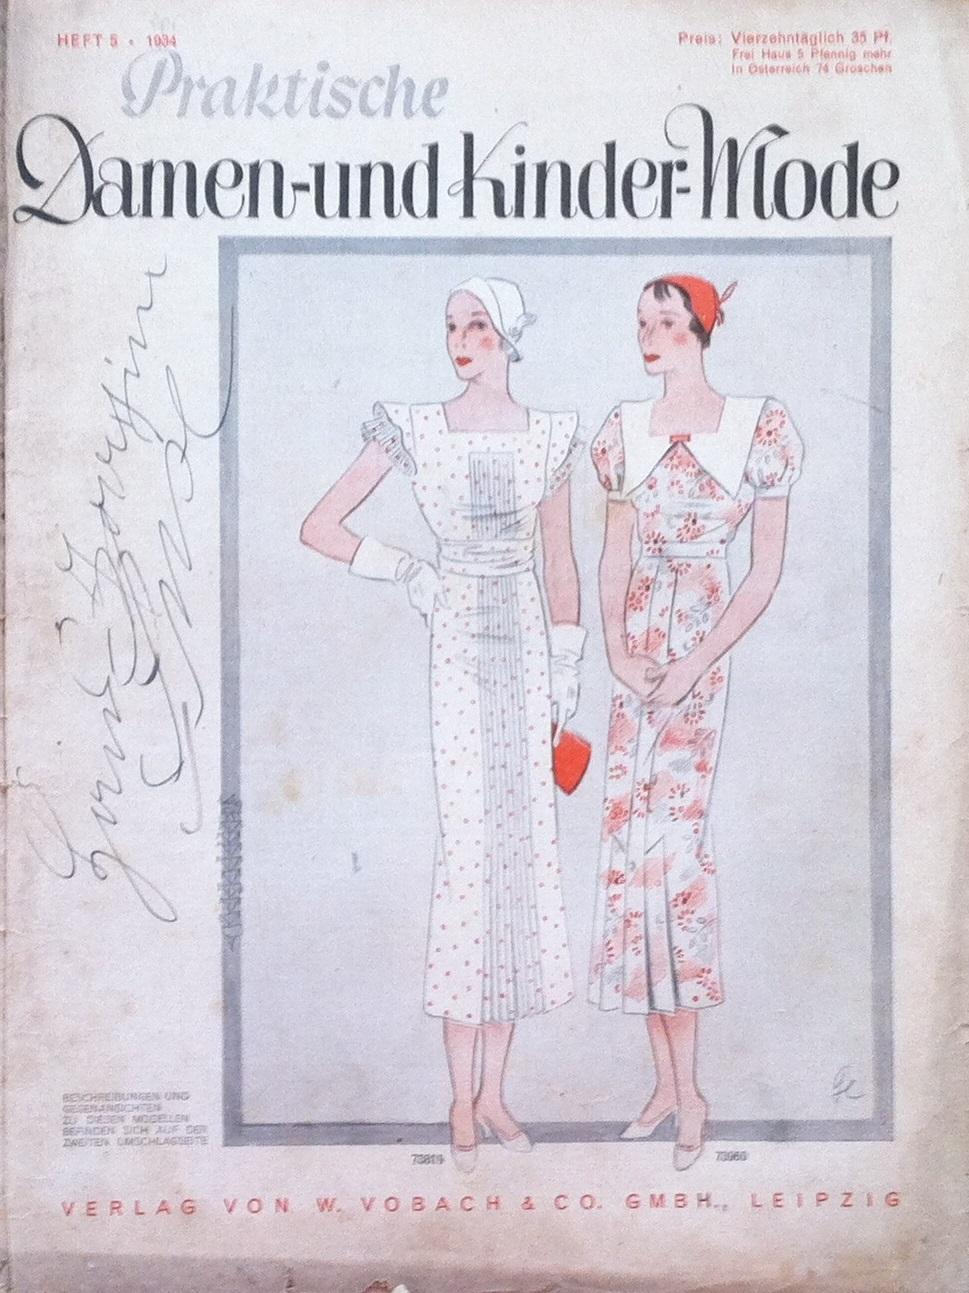 Praktische Damen- und Kinder-Mode No. 5 1934